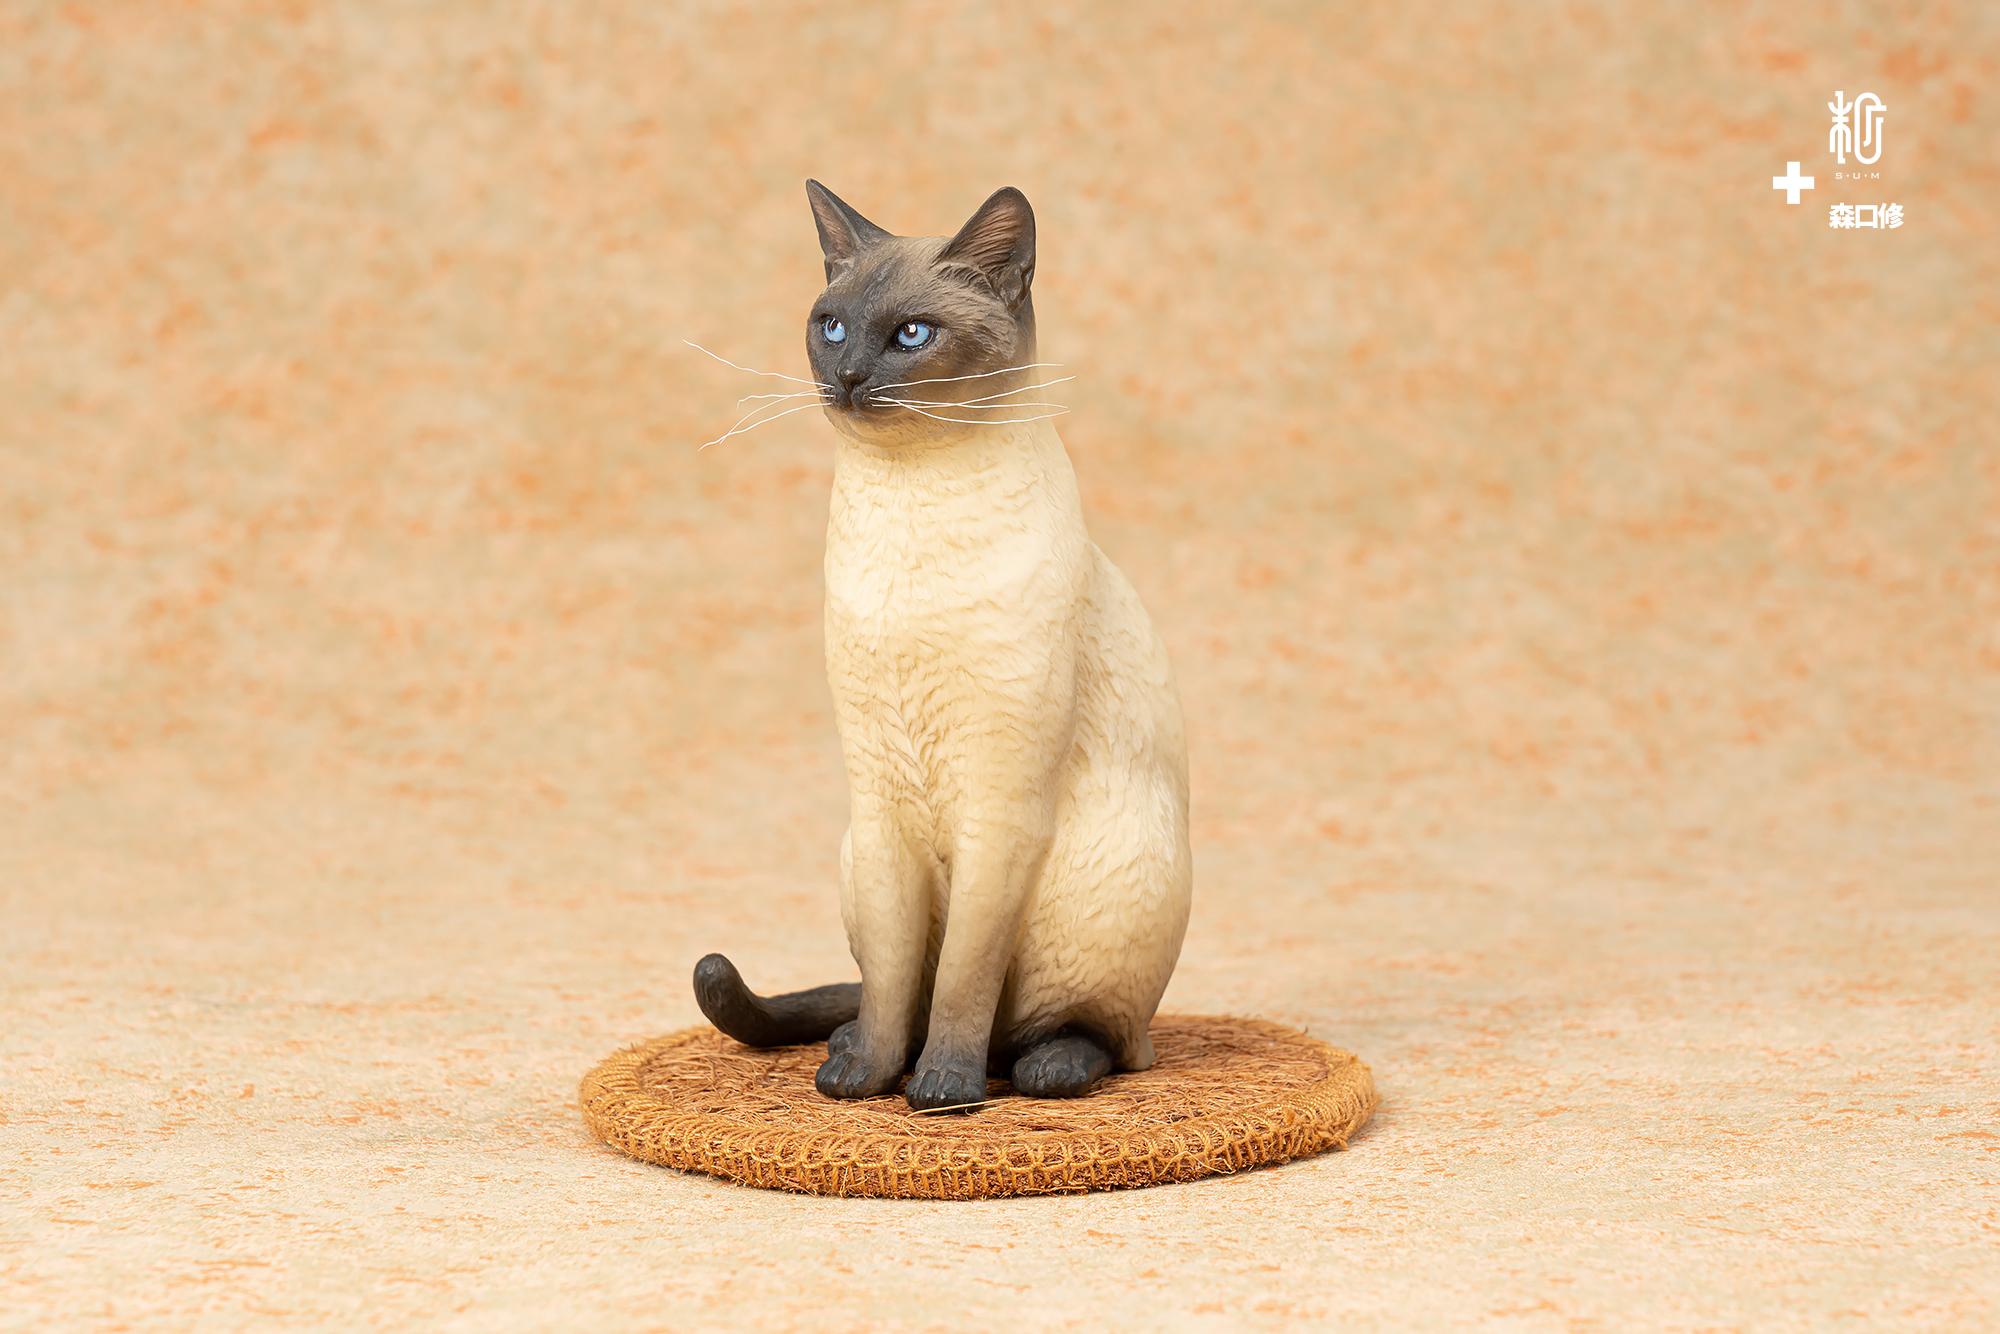 「森口修の猫」ー立ち姿(シャム猫塗装)|森口修|